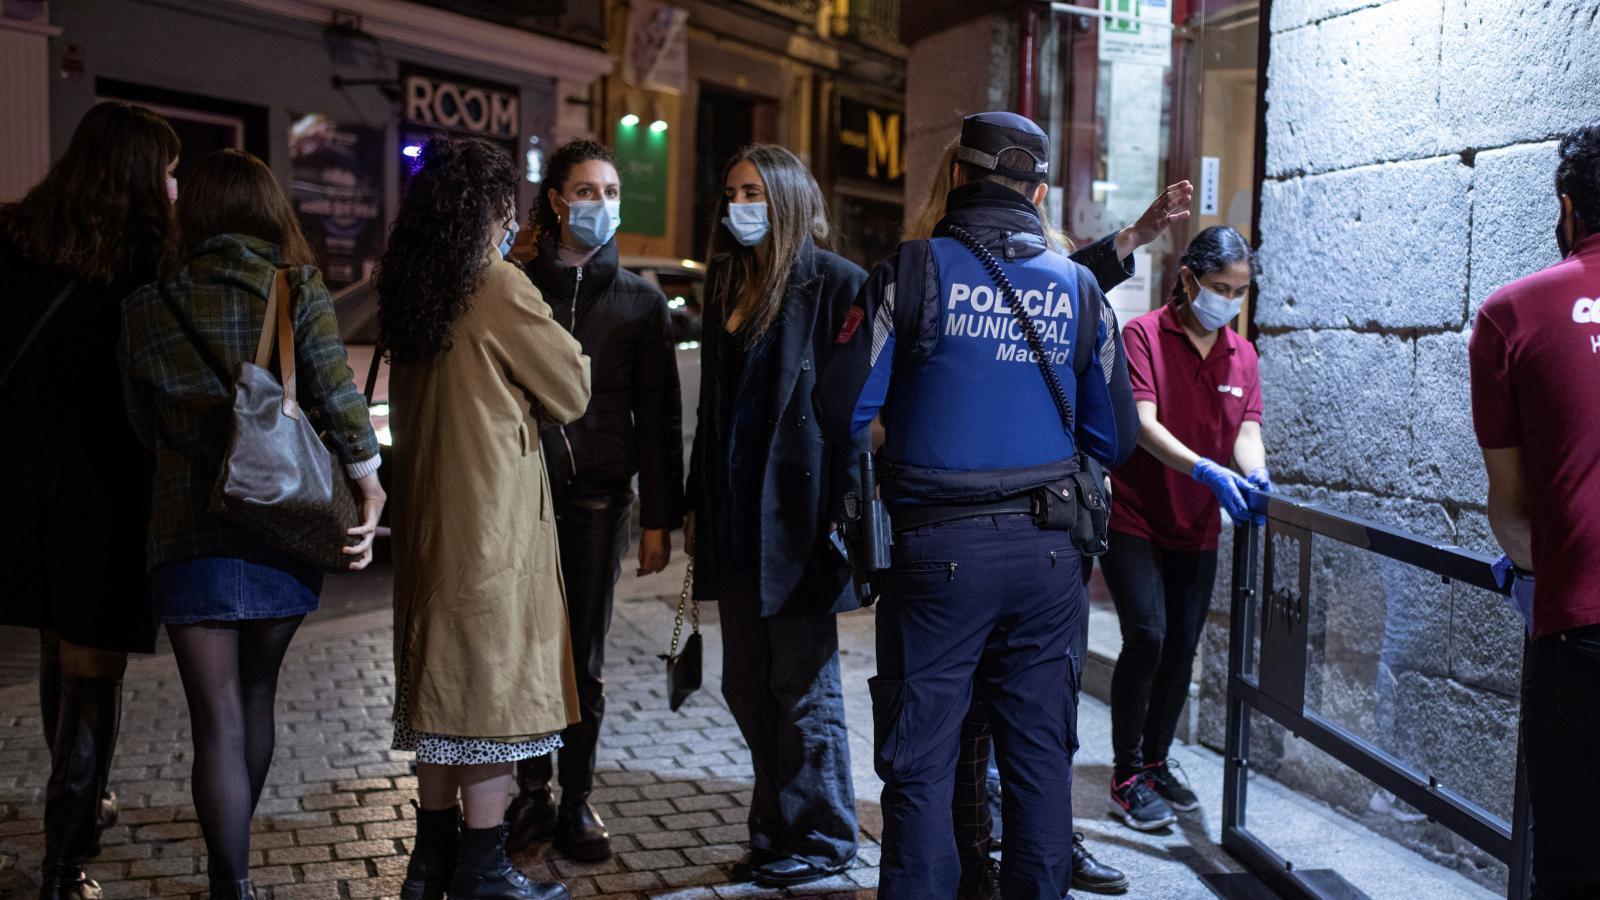 La Policía intervino en 499 fiestas ilegales en Madrid durante el Puente de Mayo